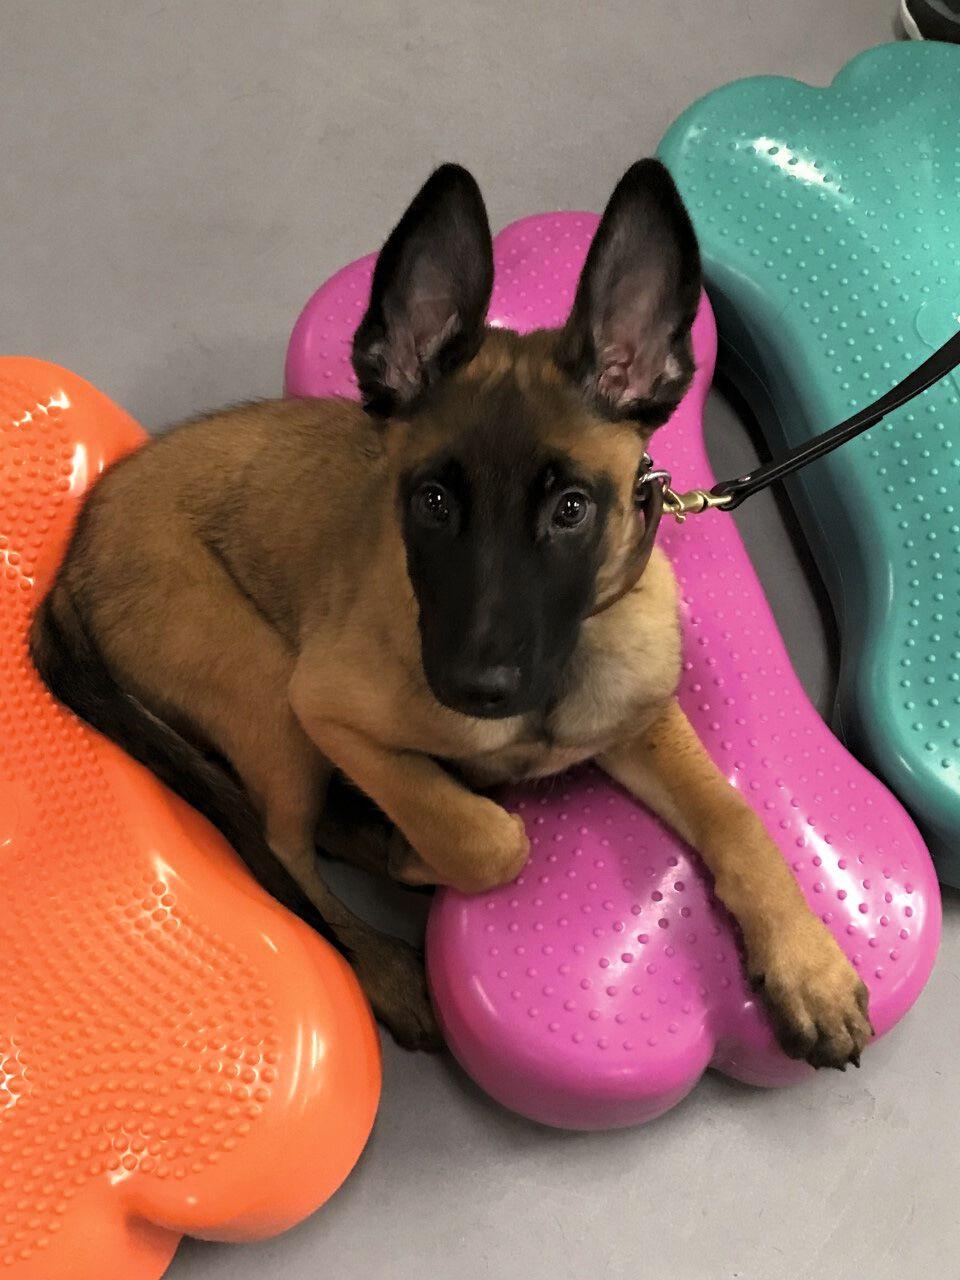 Cucciolo di cane da lavoro militare statunitense che trova piuttosto comodi i dispositivi propriocettivi gonfiabili durante una pausa nell'esercizio.